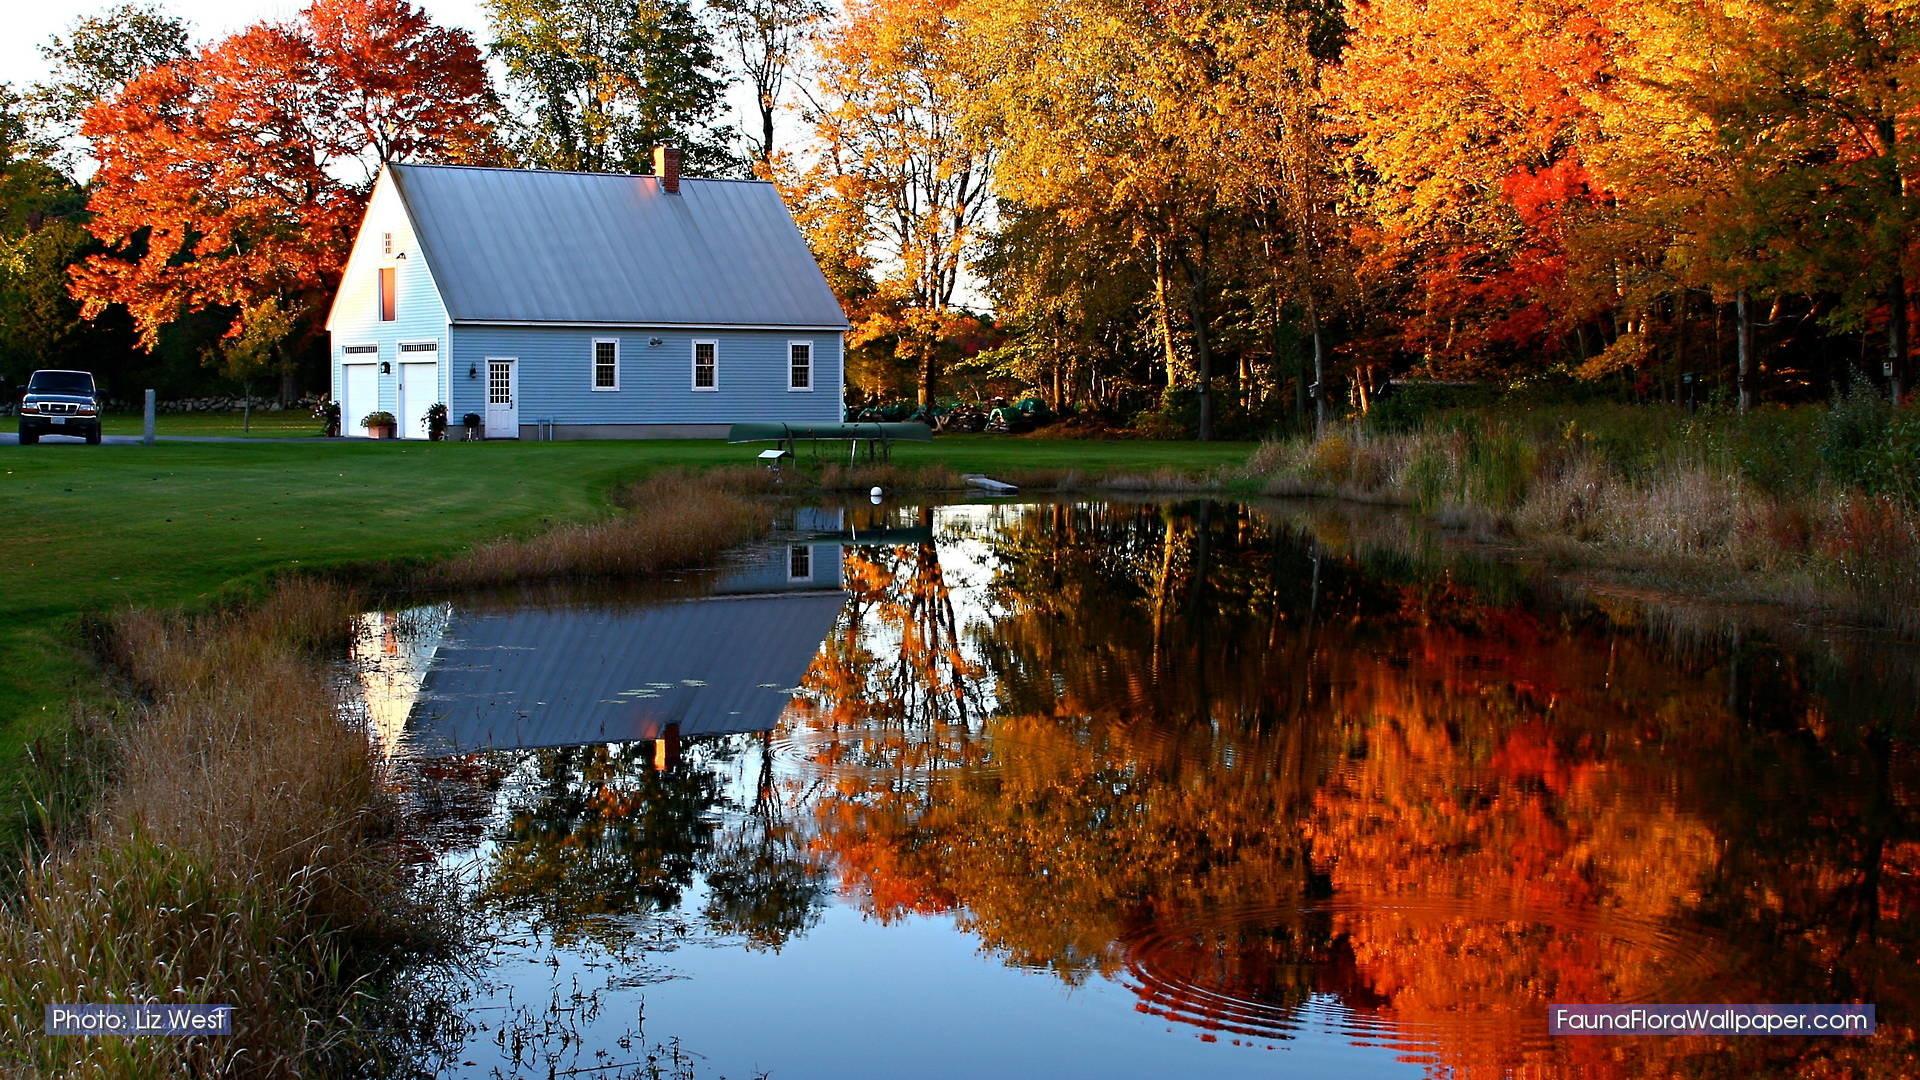 New England Fall Desktop Wallpaper, 43 England Fall - Autumn New England Desktop - HD Wallpaper